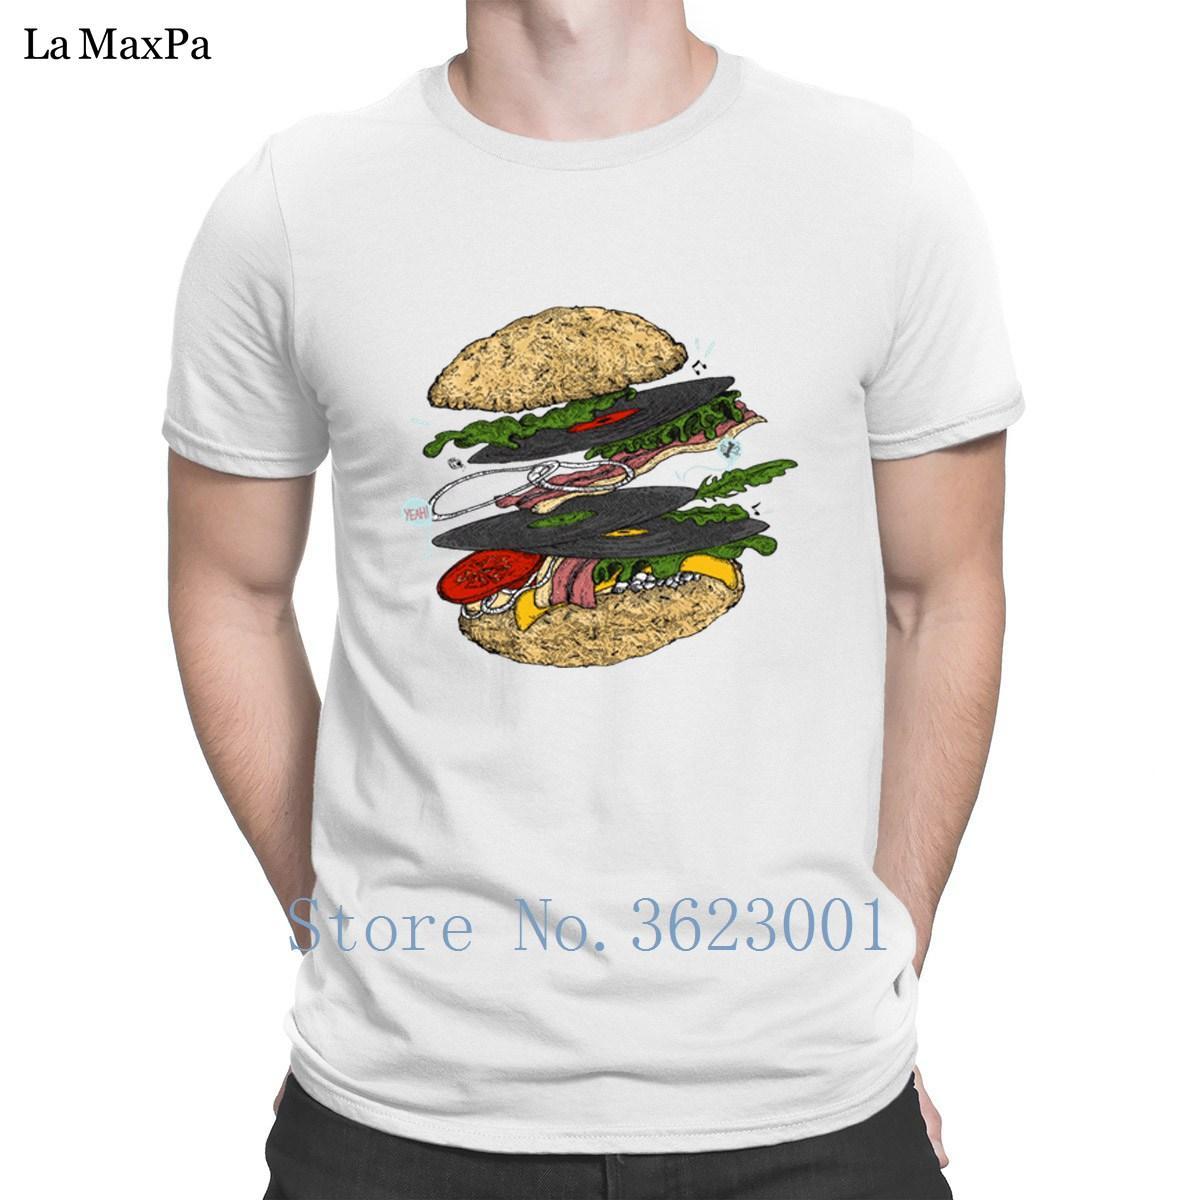 Designer cadeau T-shirt pour les hommes Burger Musical T-shirt des hommes T-shirt de coton d'été de style T-shirt des hommes T-shirt de style cool